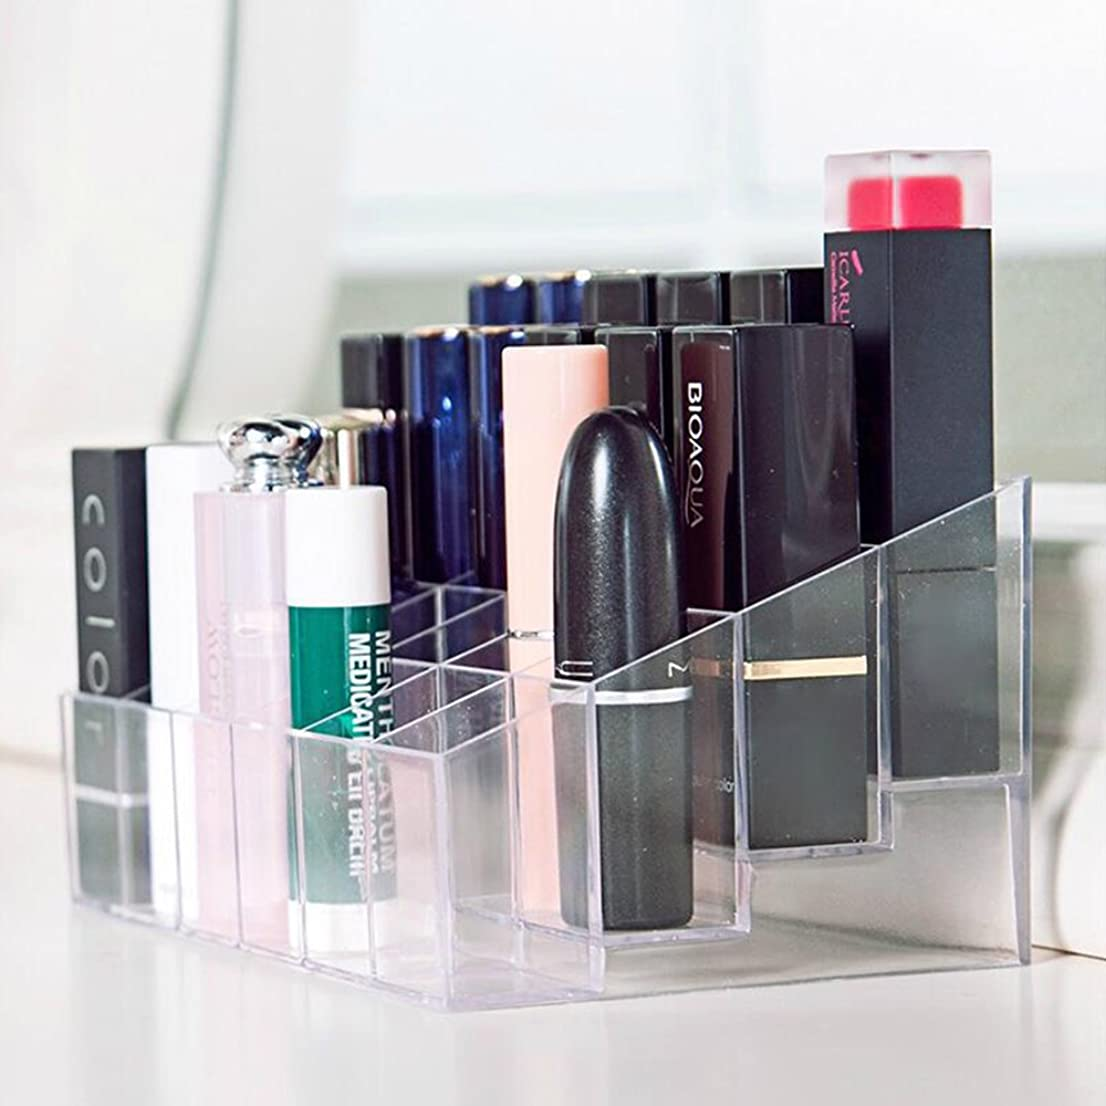 罰画家治療口紅ホルダー 透明プラスチック製 台形メイクアップ 化粧品ディスプレイスタンド リップスティック ホルダー 24仕切り